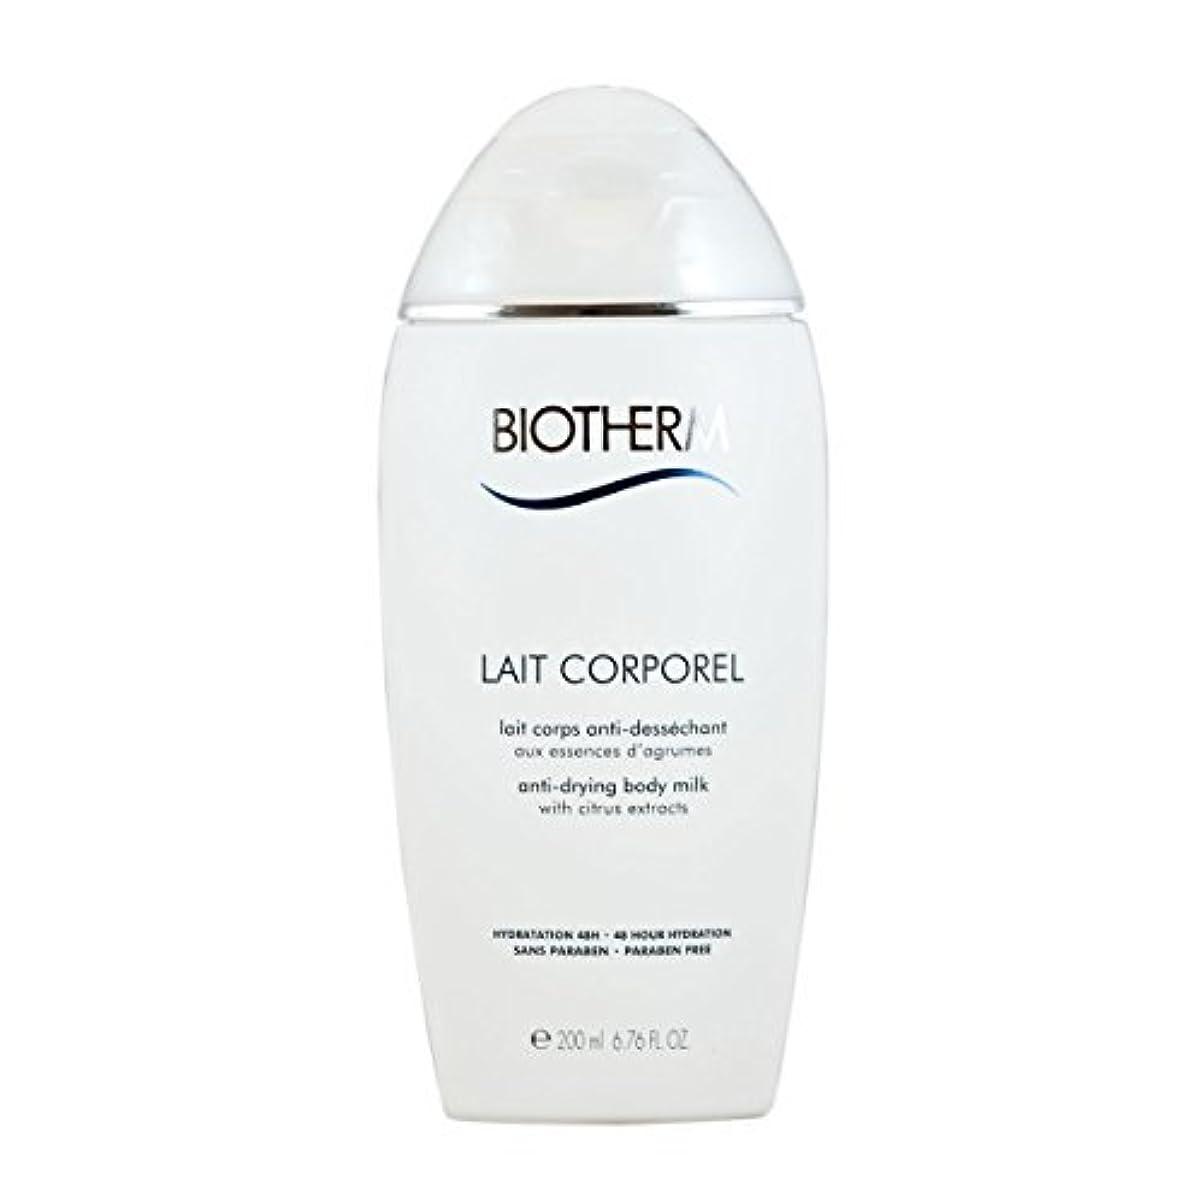 ファウル病弱自分を引き上げるBiotherm Lait Corporel Anti-Drying Body Milk 6.76 Ounce [並行輸入品]